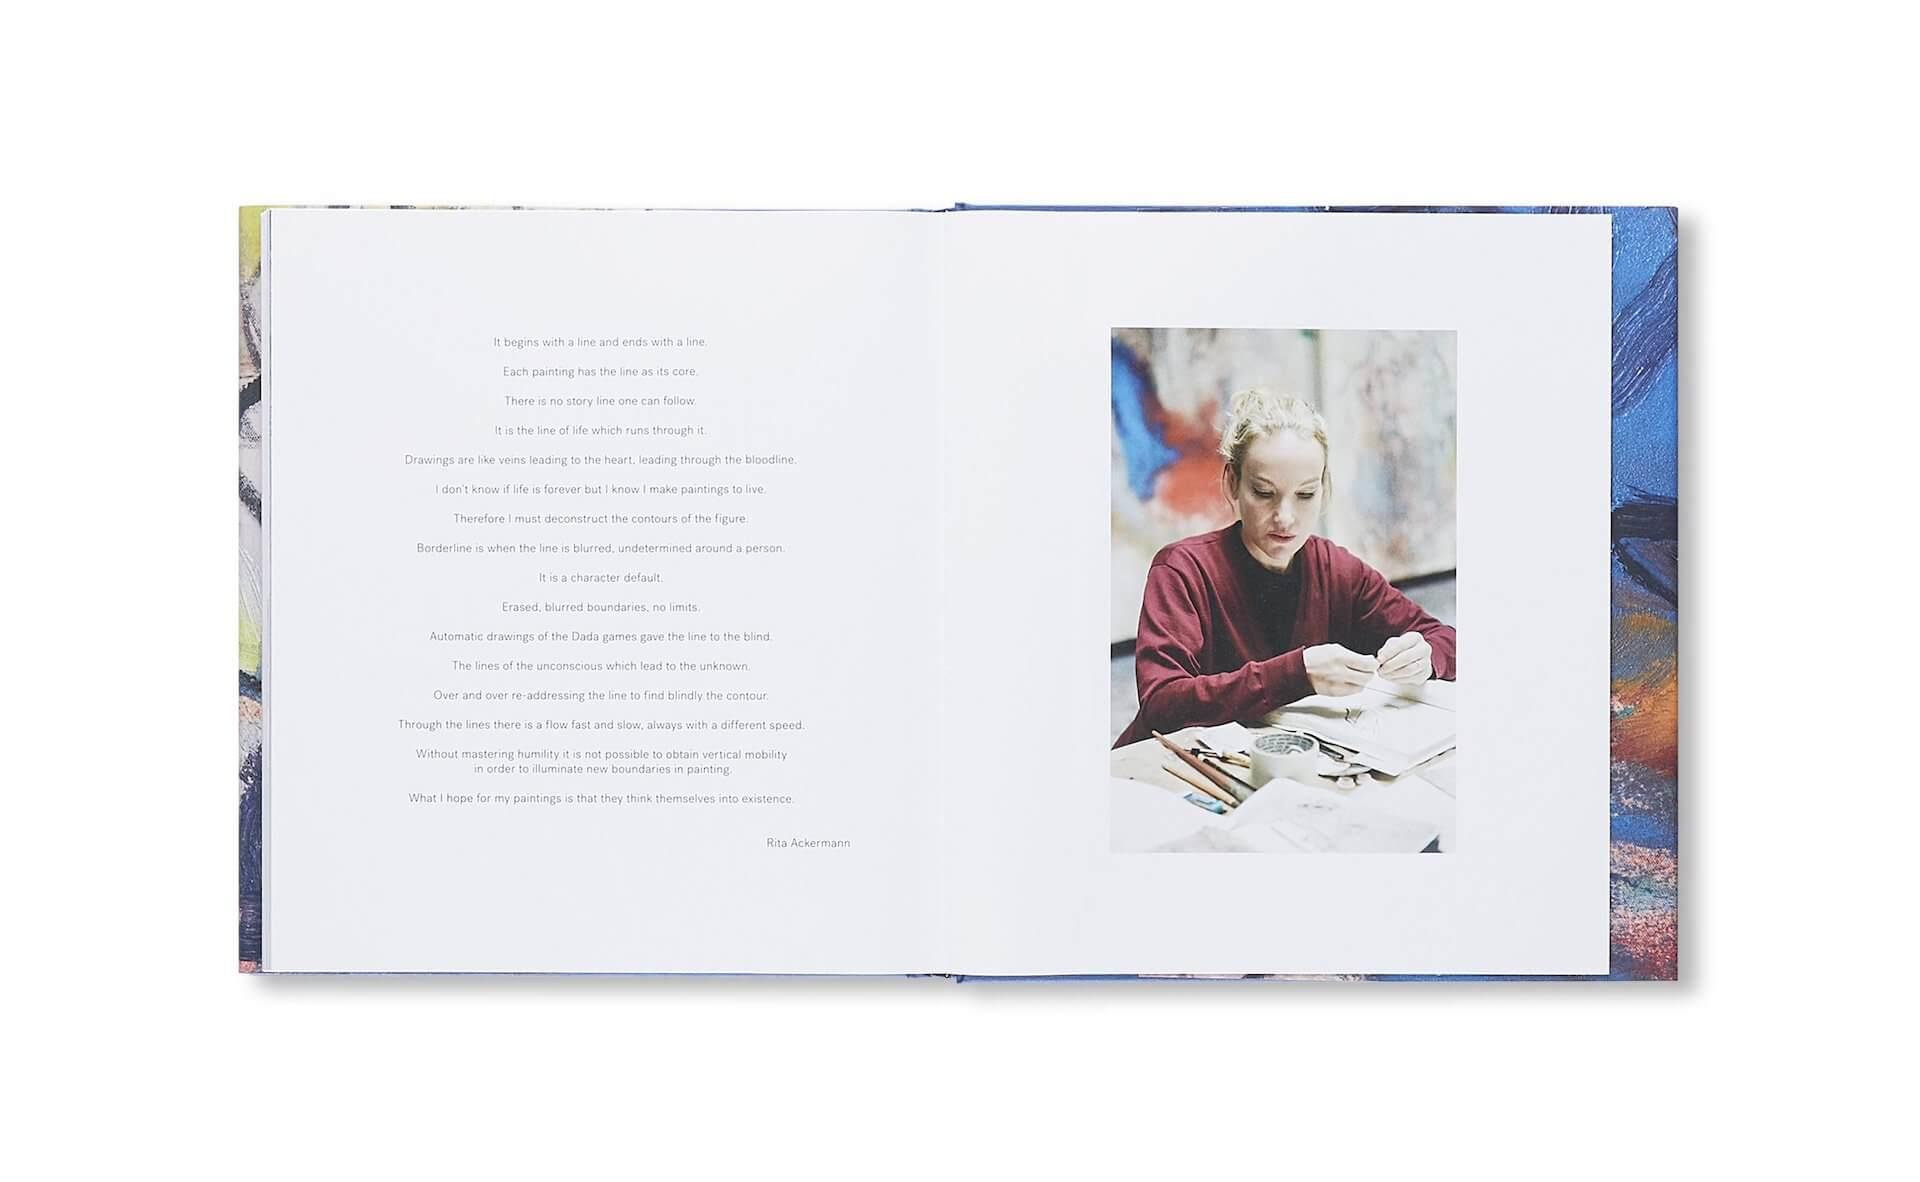 アートブックノススメ|Qetic編集部が選ぶ4冊/横浪修 他 column210730_artbook-017